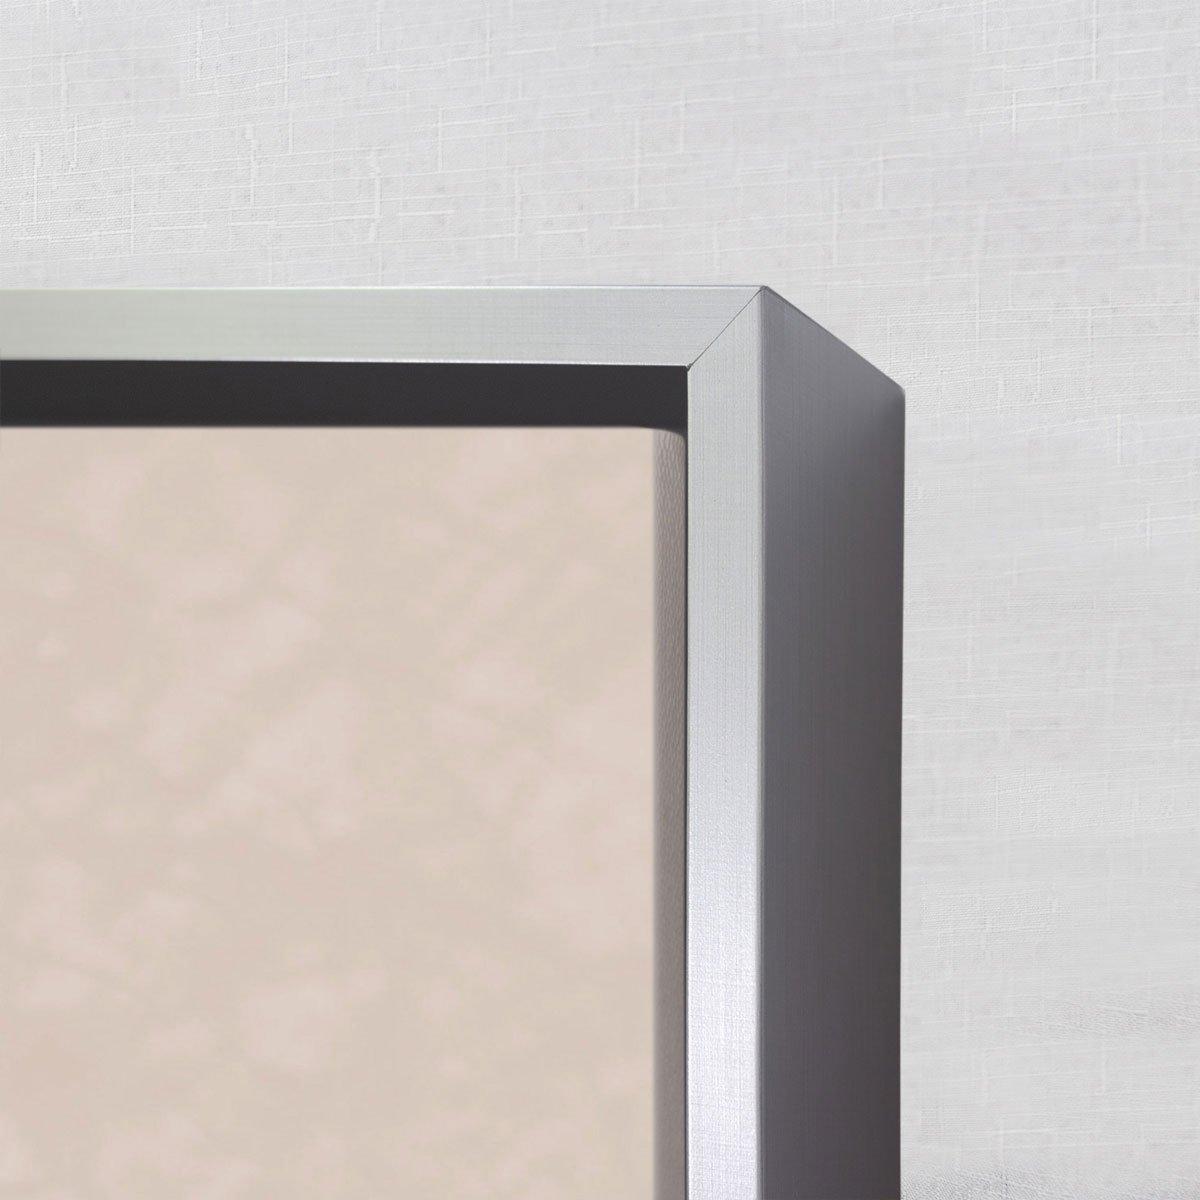 Foto com detalhes da moldura, tela fica um tanto afastada da moldura passando uma sensação de que a obra esta flutuando sobre a moldura.